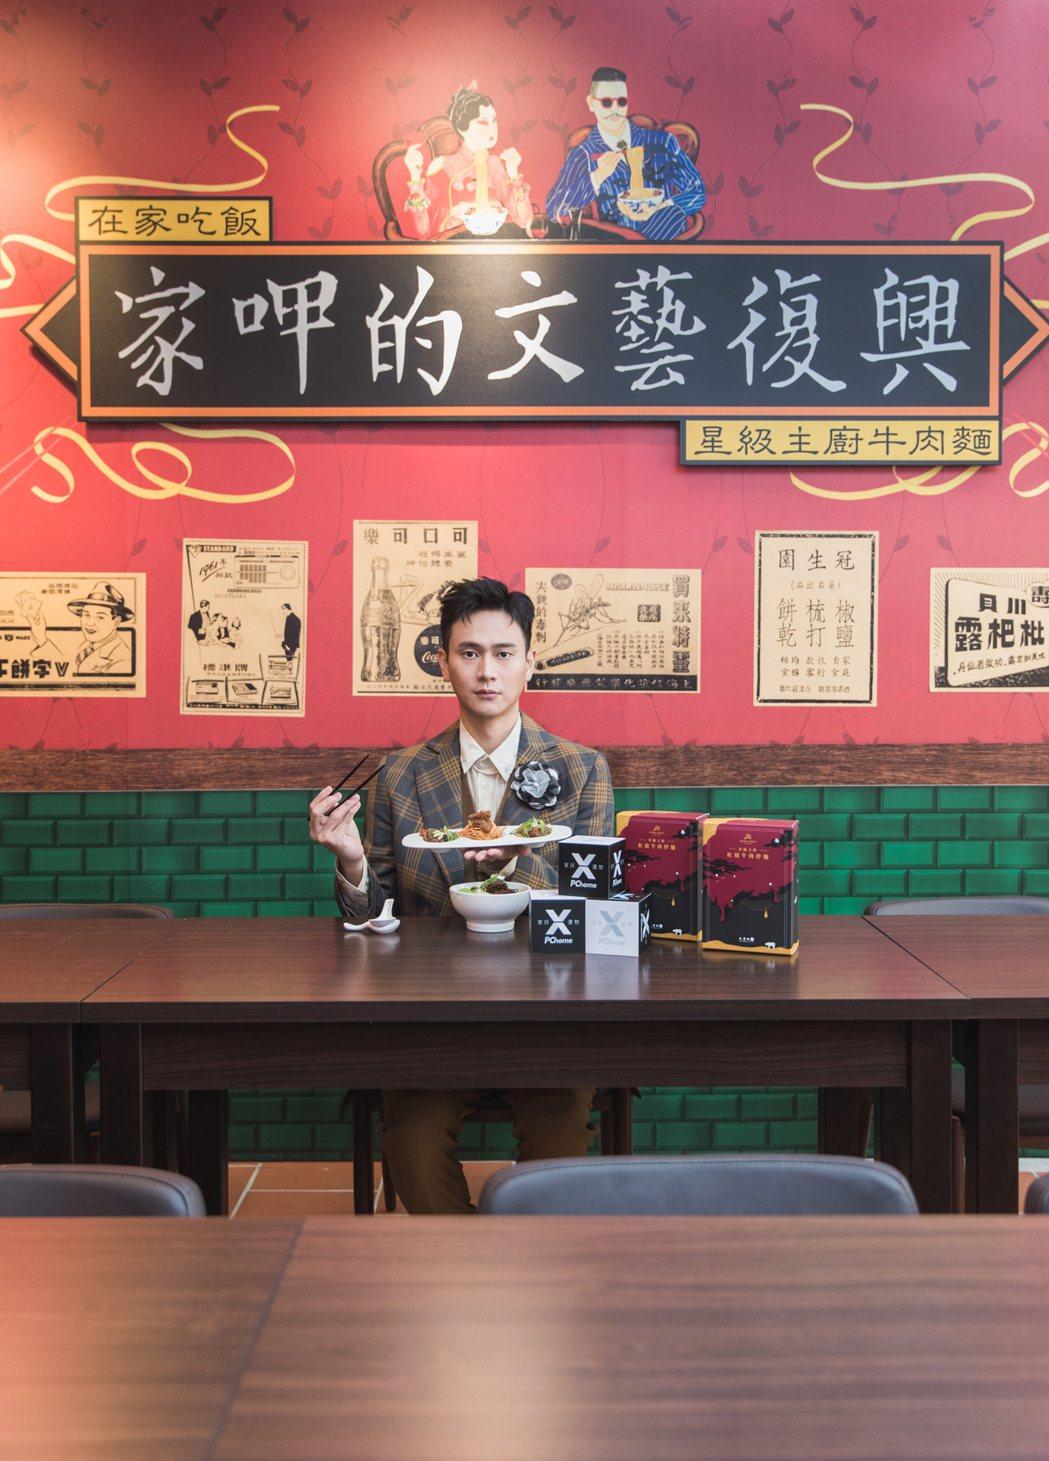 劉冠廷代言牛肉麵,狂讚好吃。圖/PChome提供